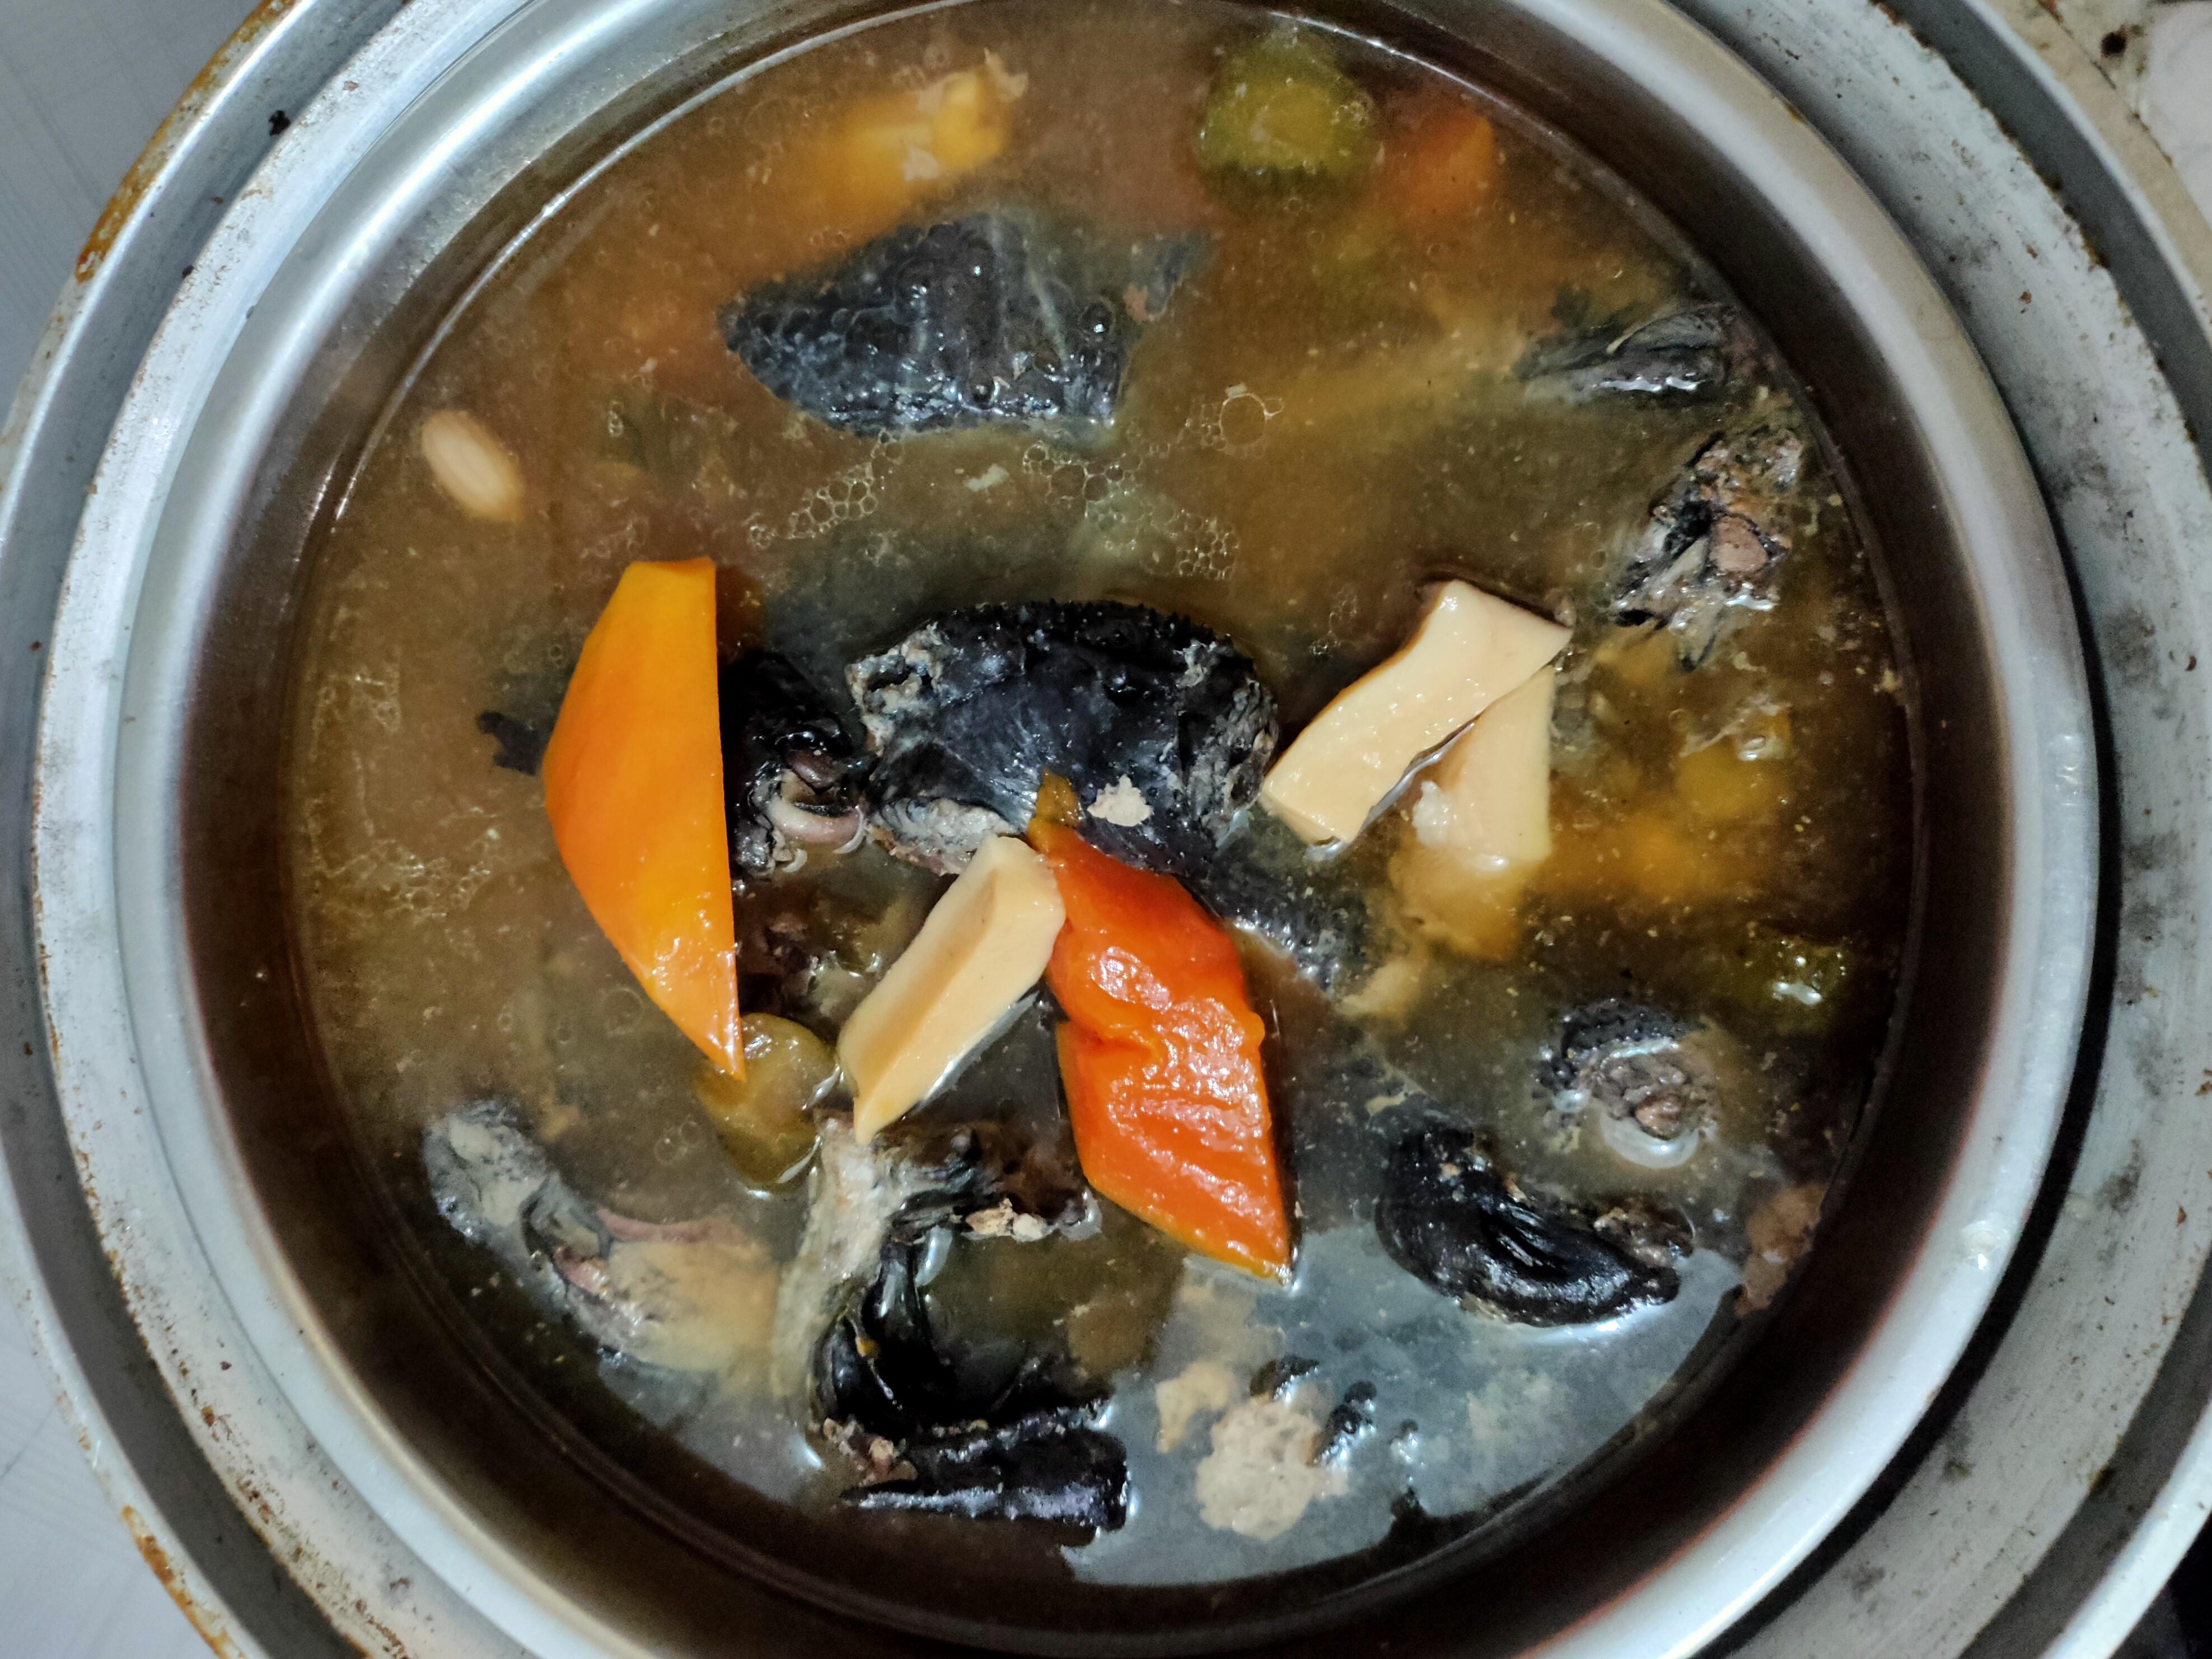 木瓜瓜仔雞湯